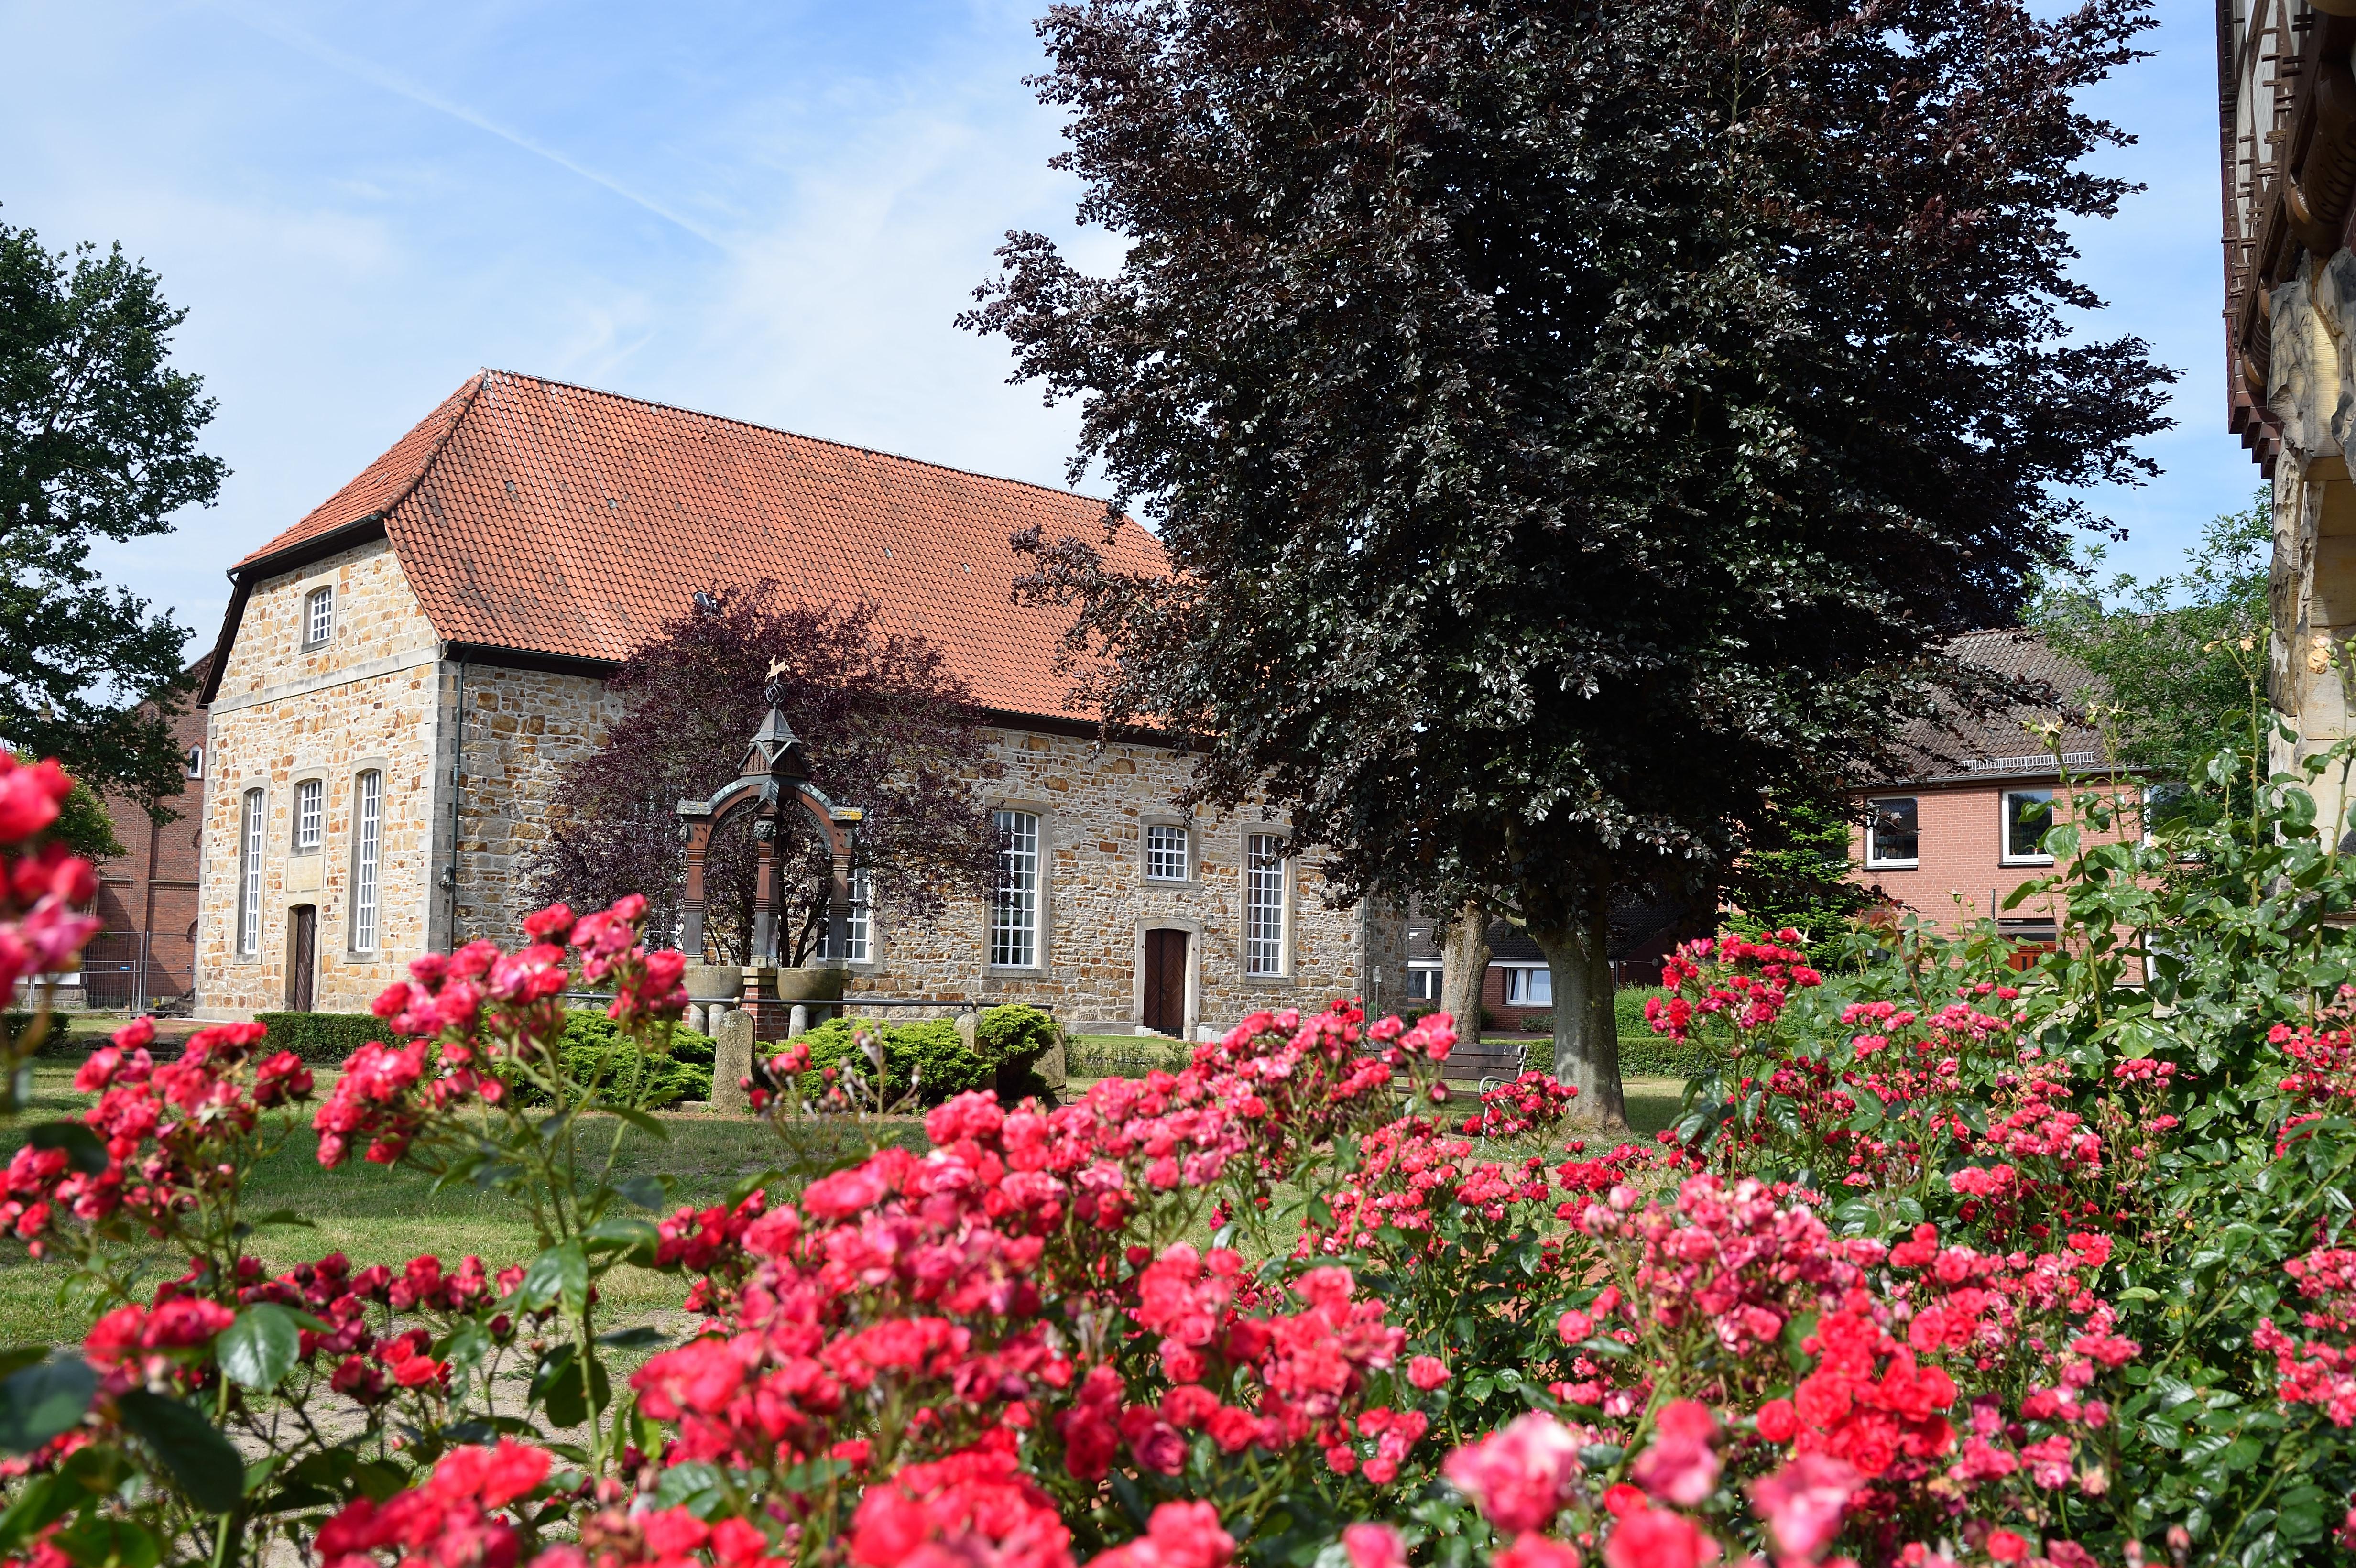 St. Martini Kirche Rehburg